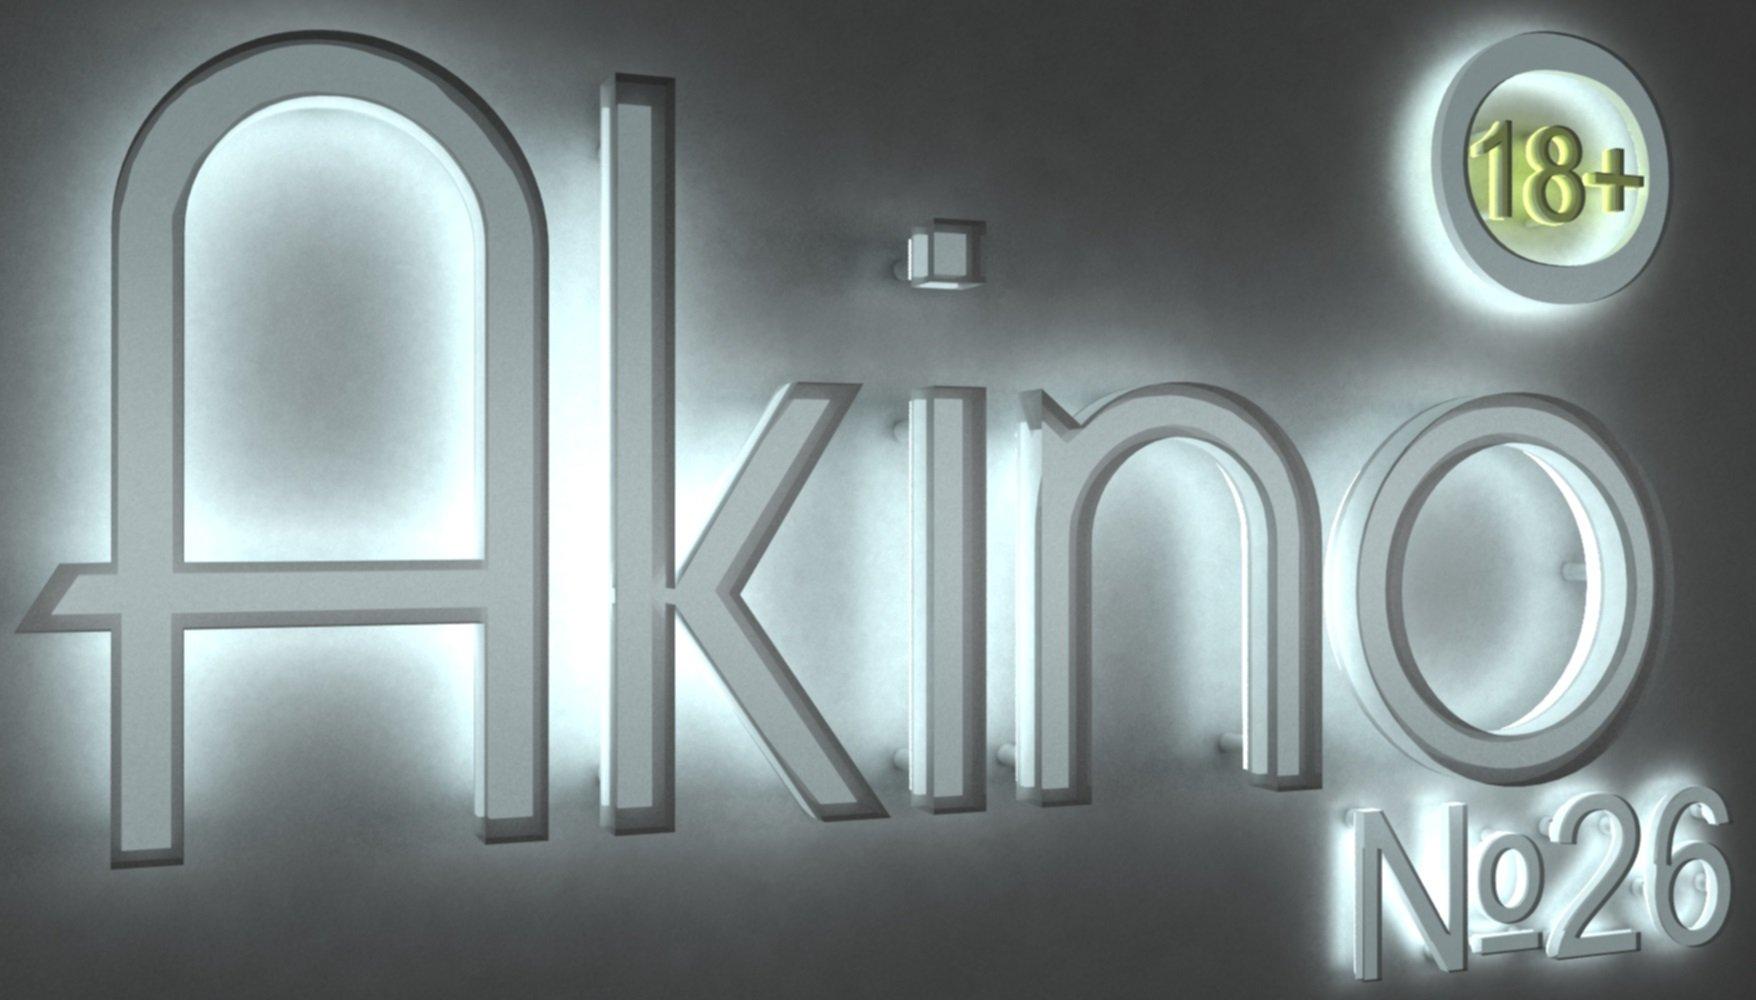 Подкаст AkiNO Выпуск № 26 (18+) - Изображение 1